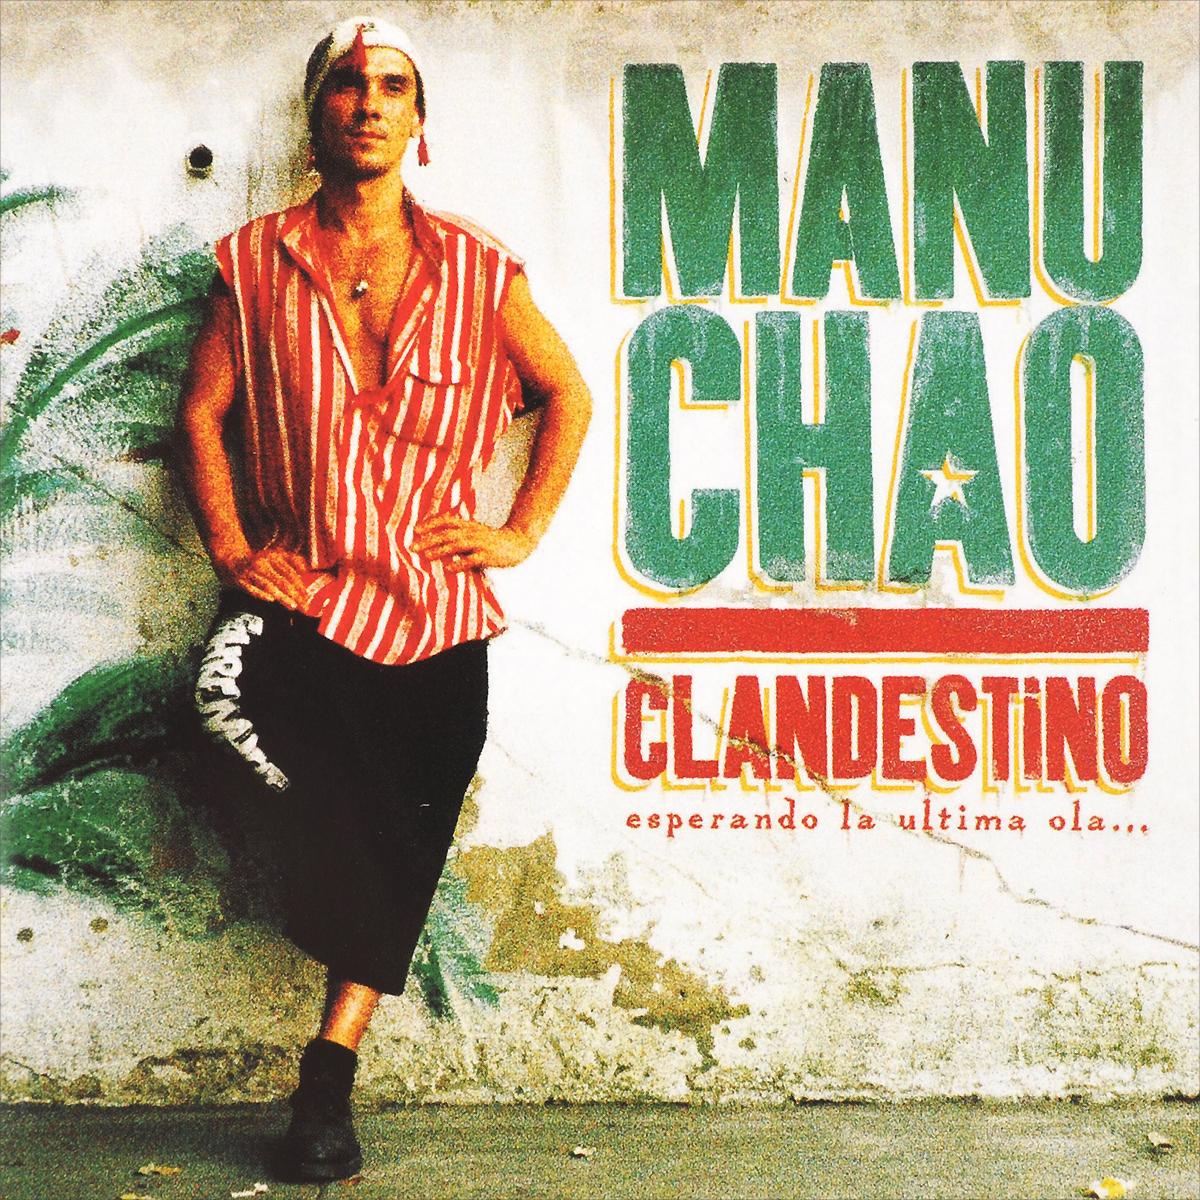 К диску прилагается раскладка с цветными иллюстрациями и текстами песен на испанском языке.